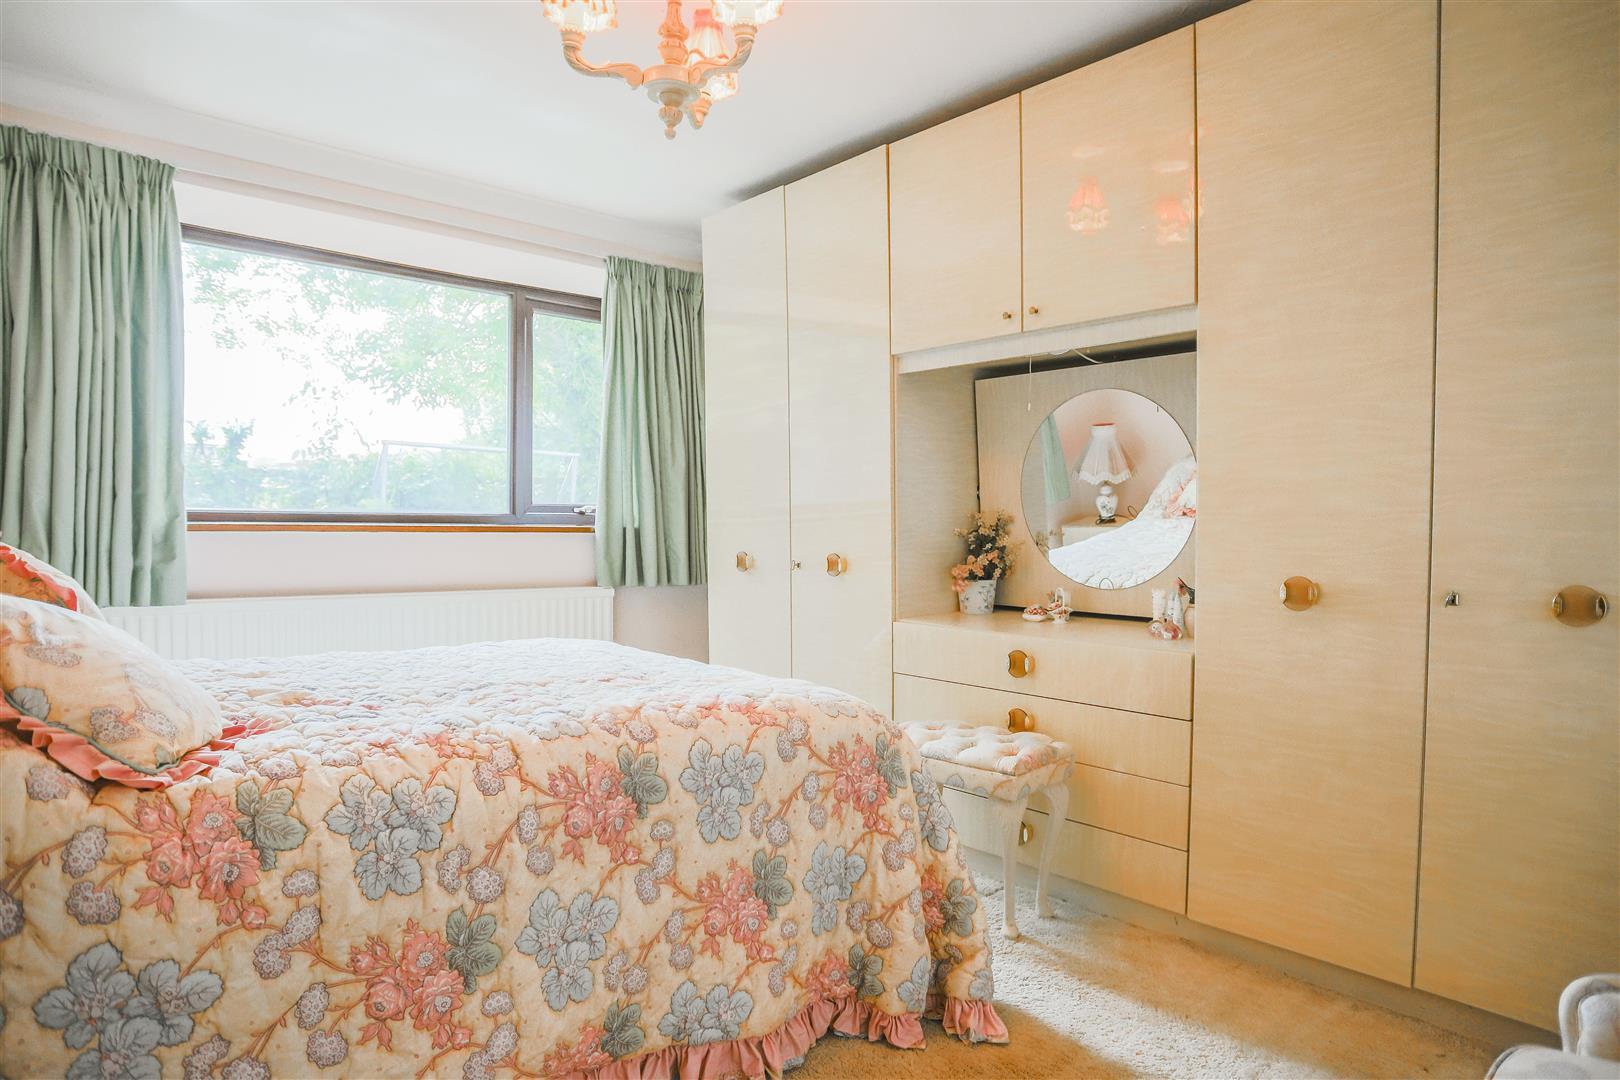 5 Bedroom Farmhouse For Sale - 38.JPG